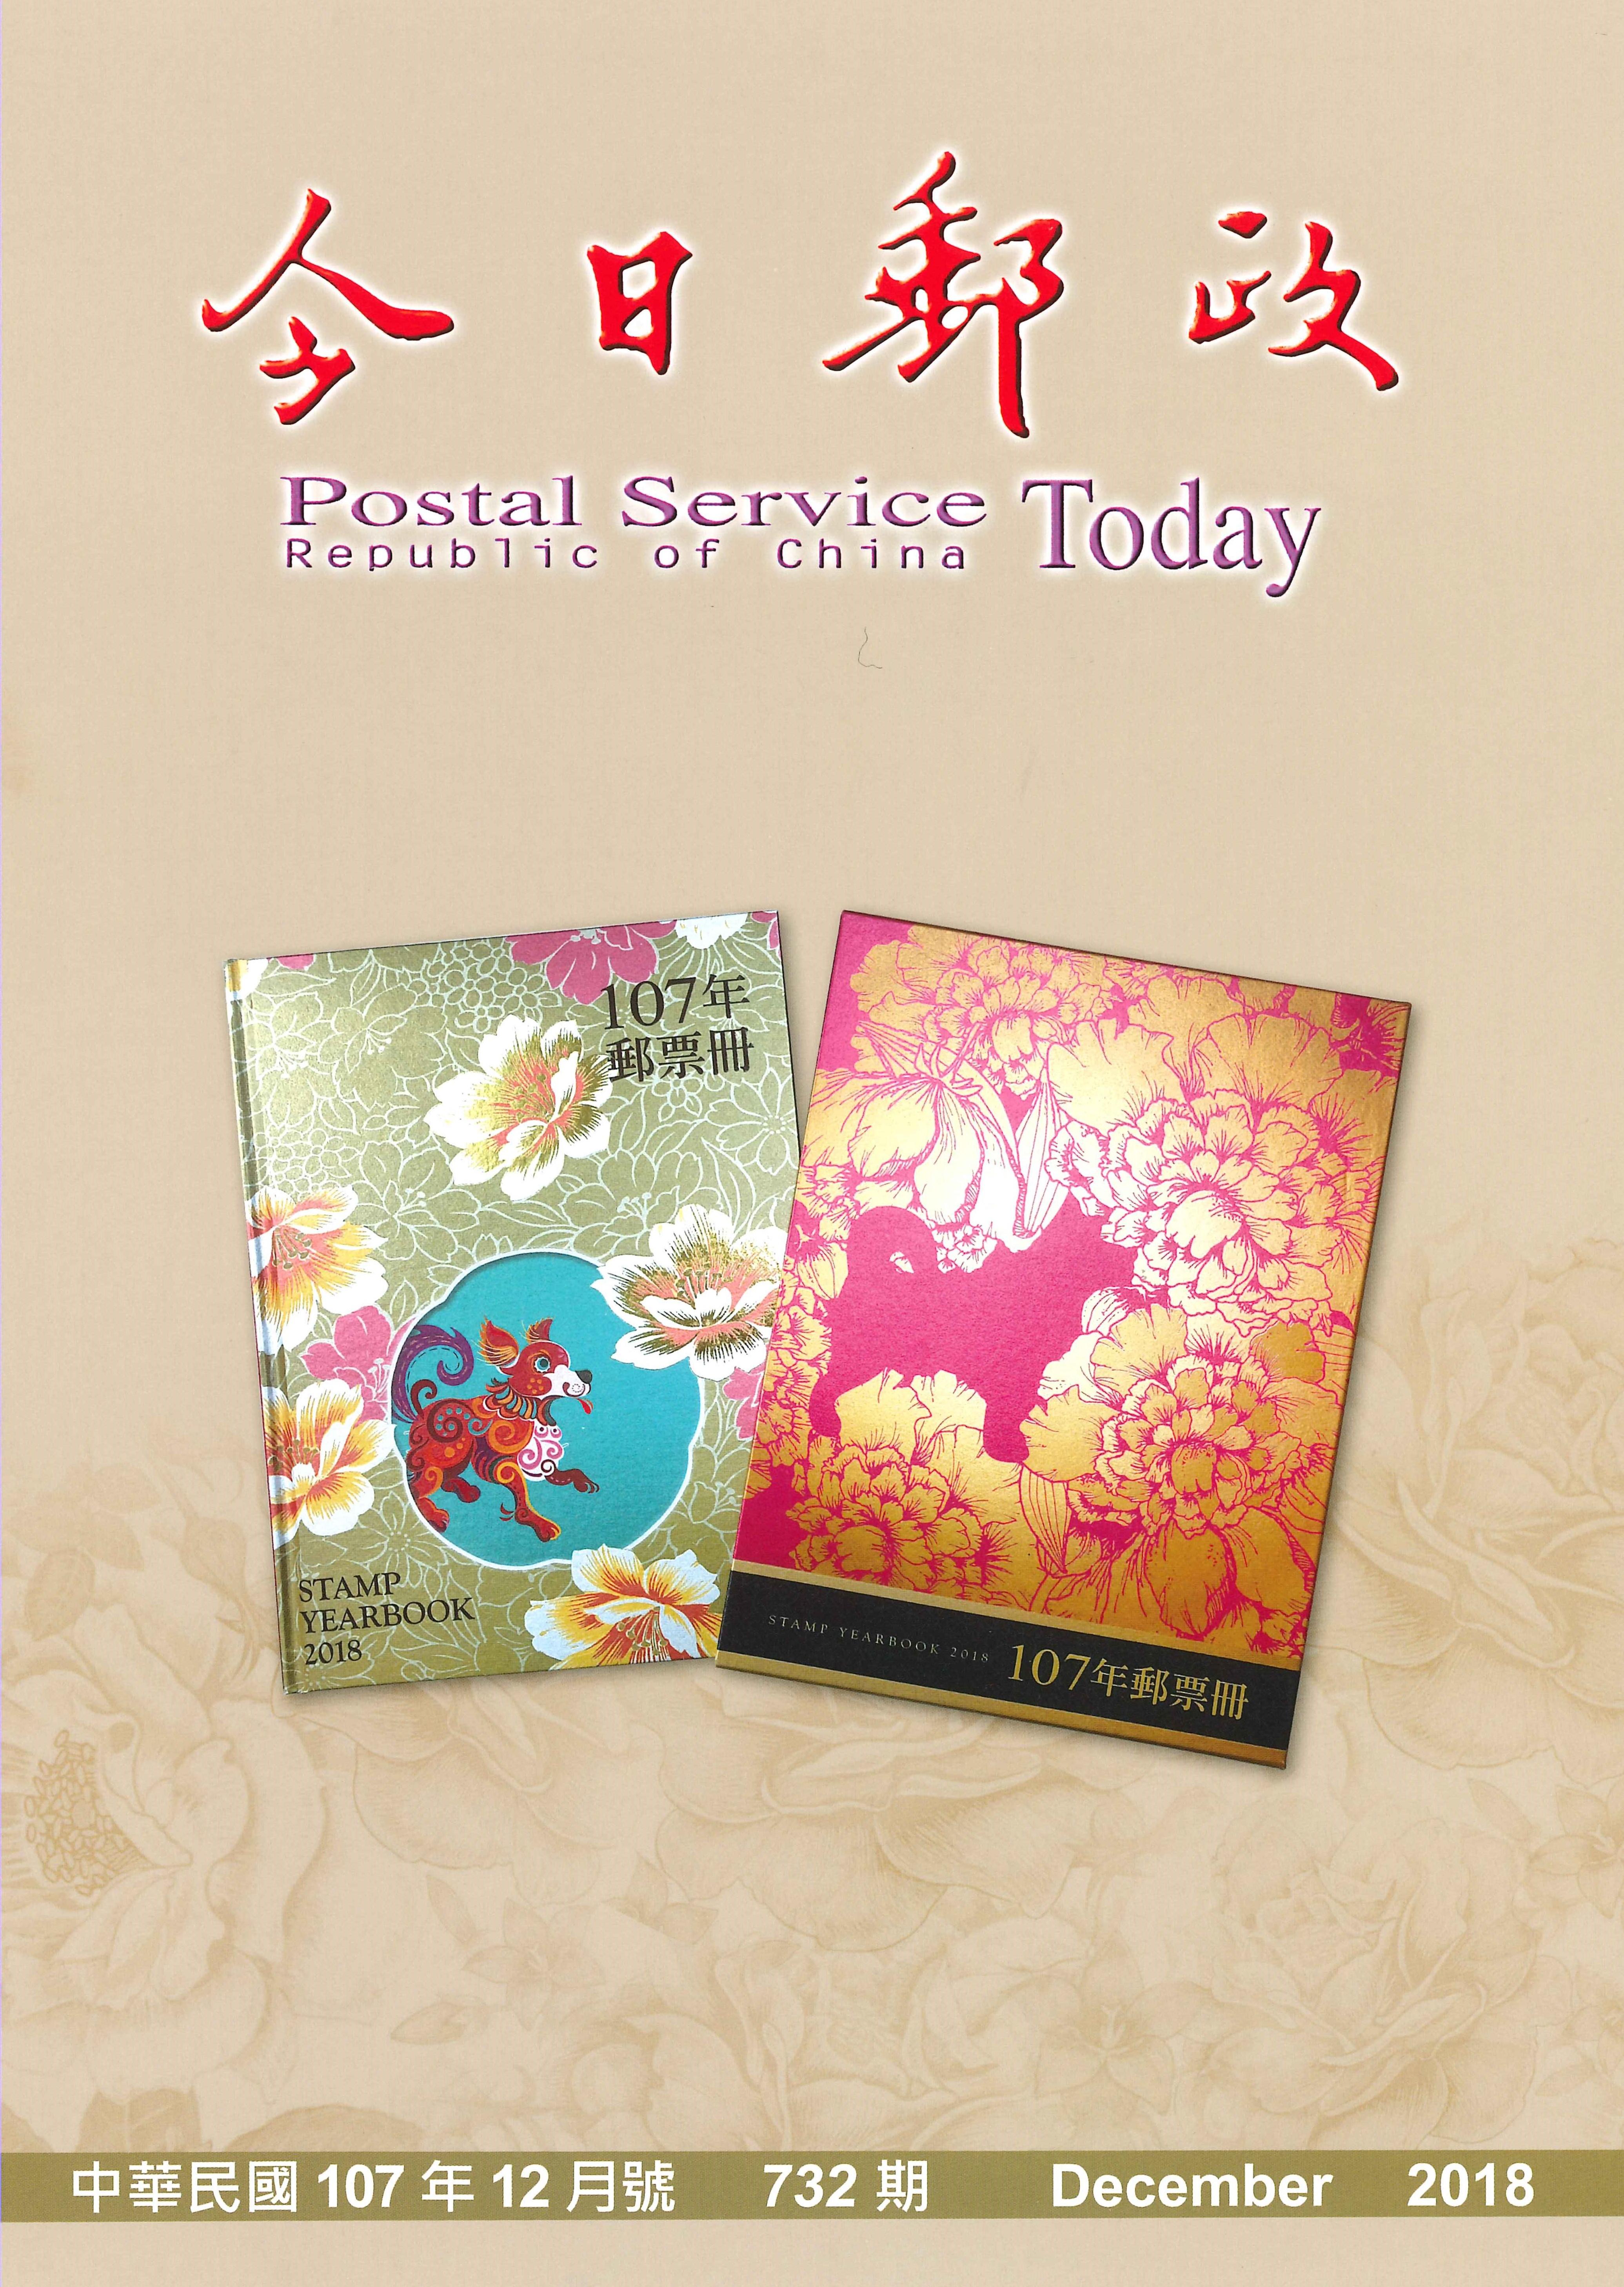 今日郵政第732期(10712)